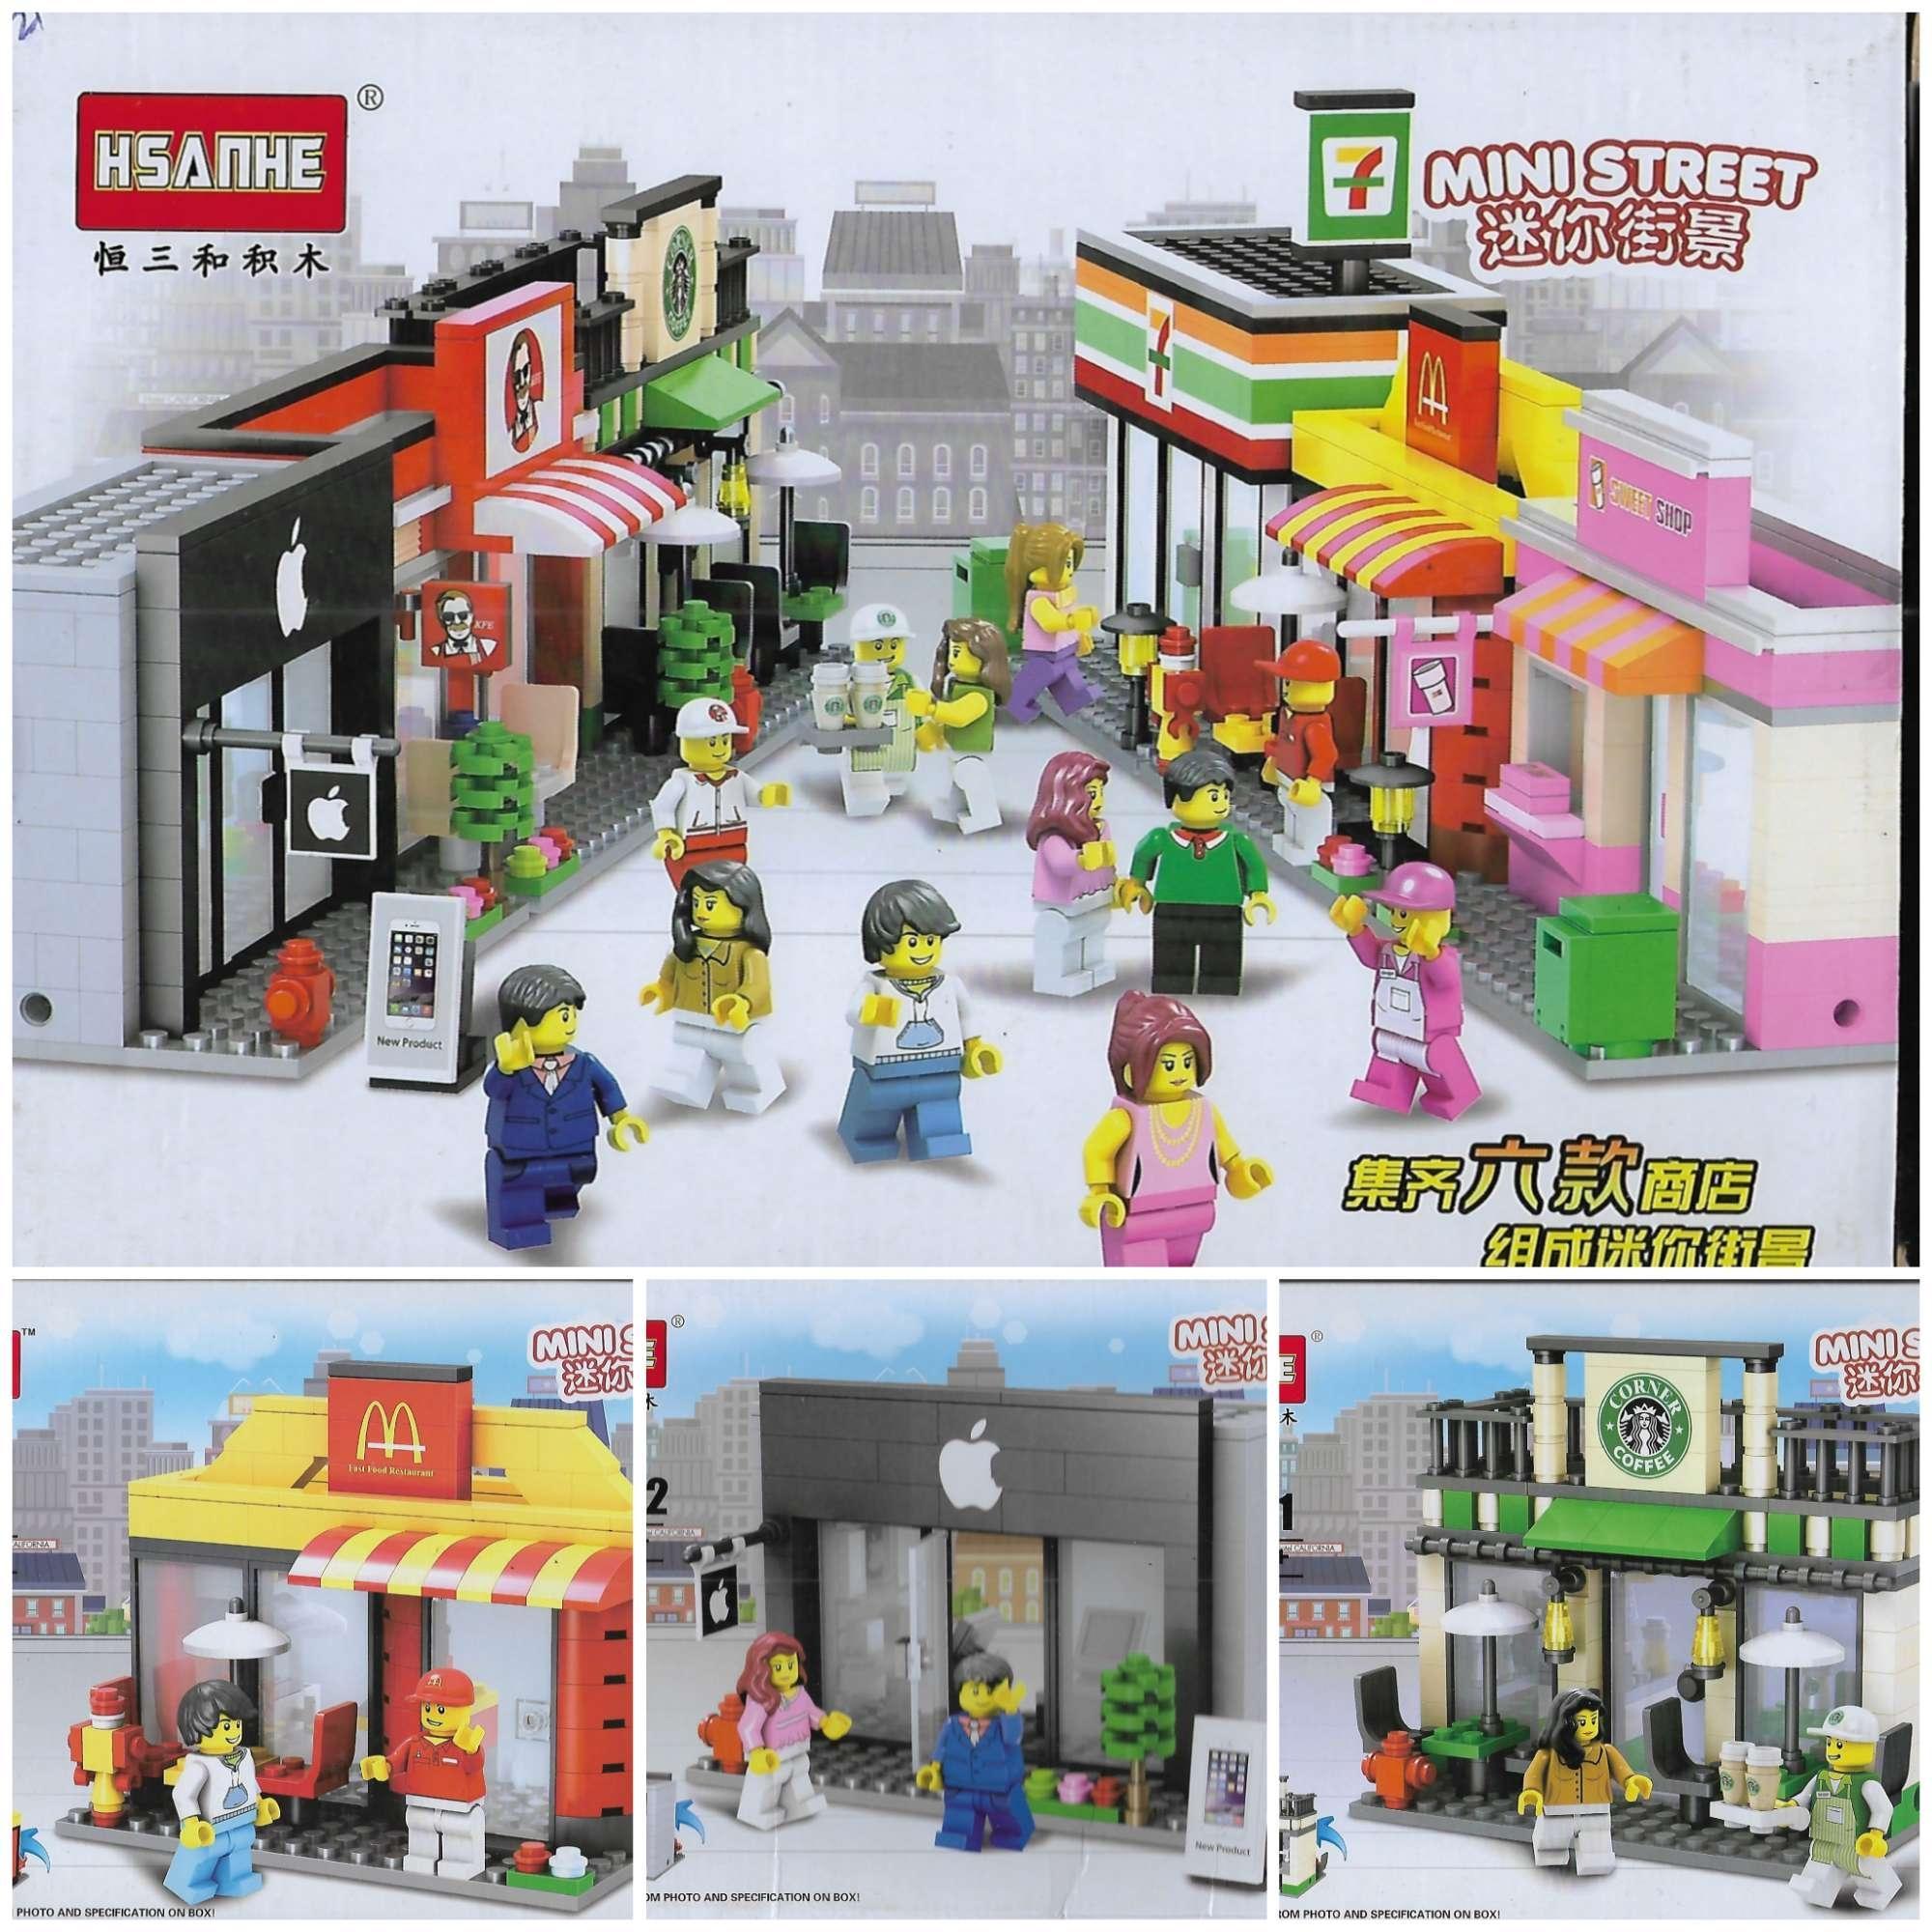 LEGO Philippines: LEGO Price List